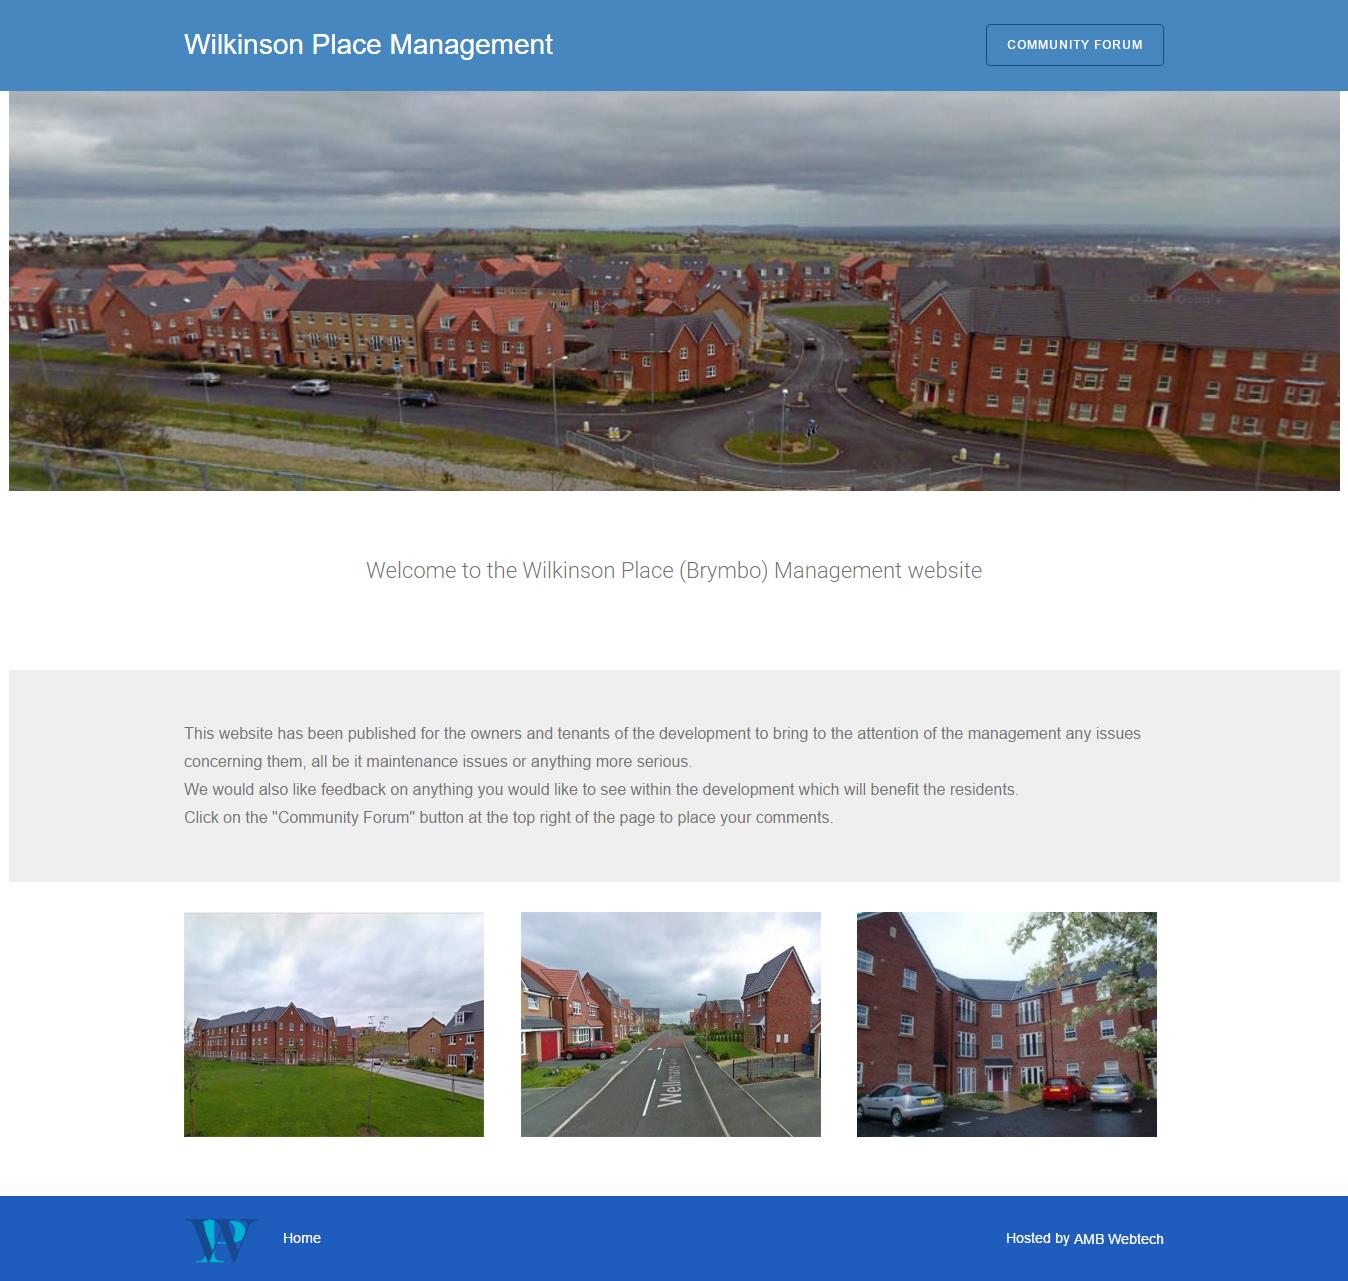 Wilkinson Place Management